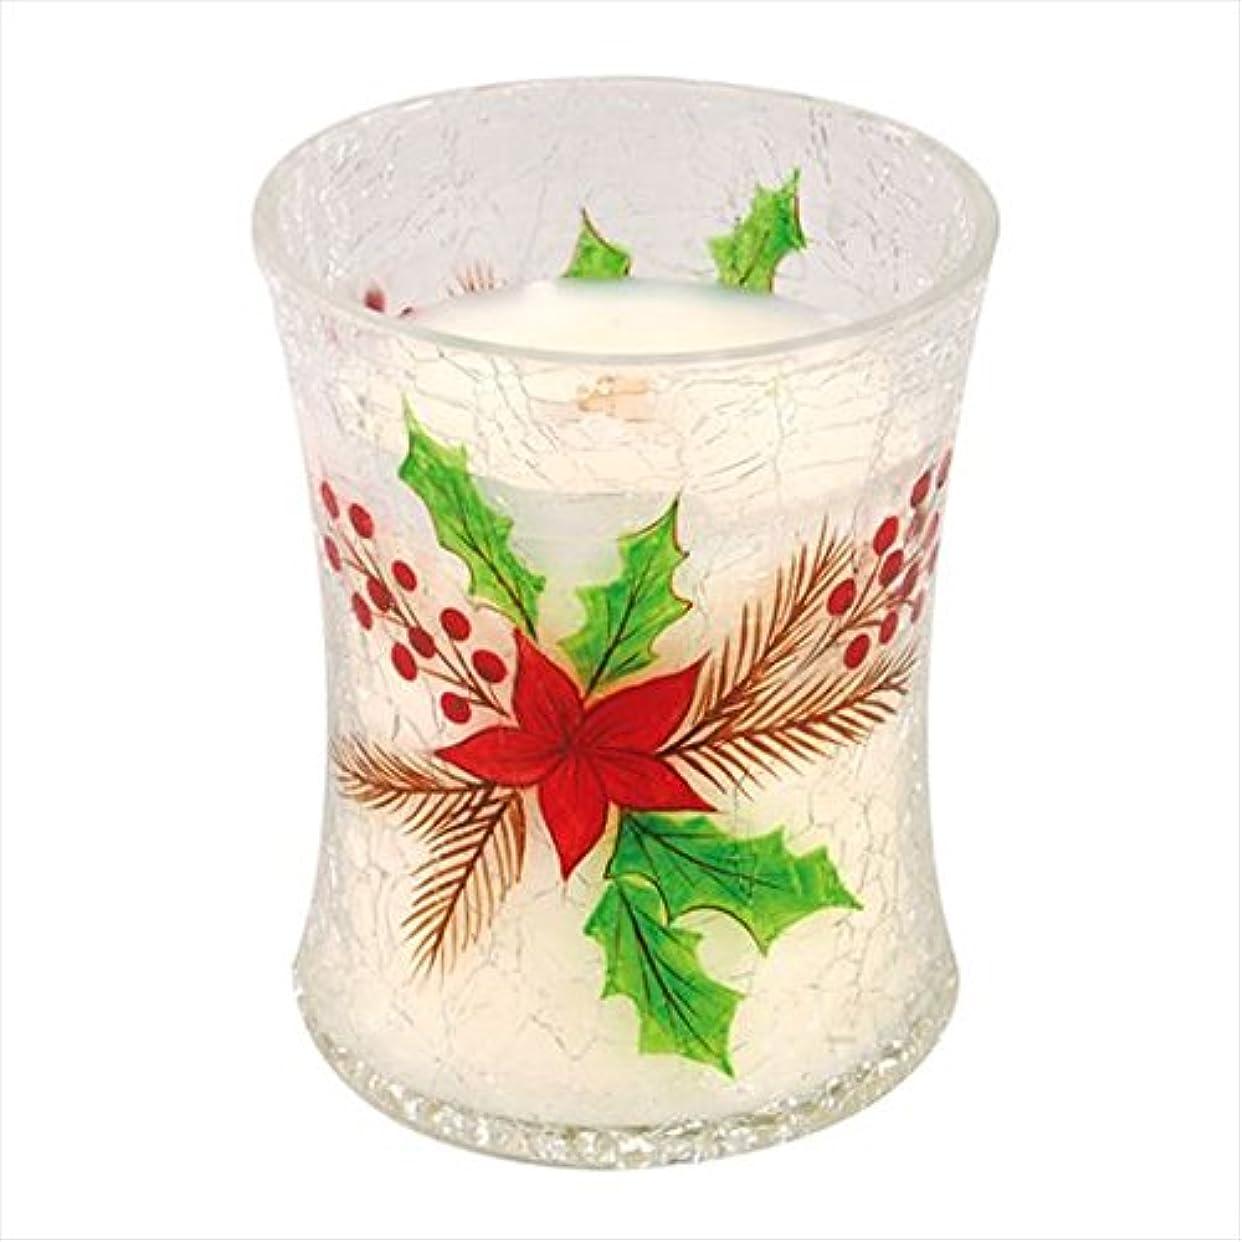 取り除くインフラフィードバックウッドウィック(WoodWick) Wood WickディーカルクラックジャーM 「 クリスマスケーキ 」